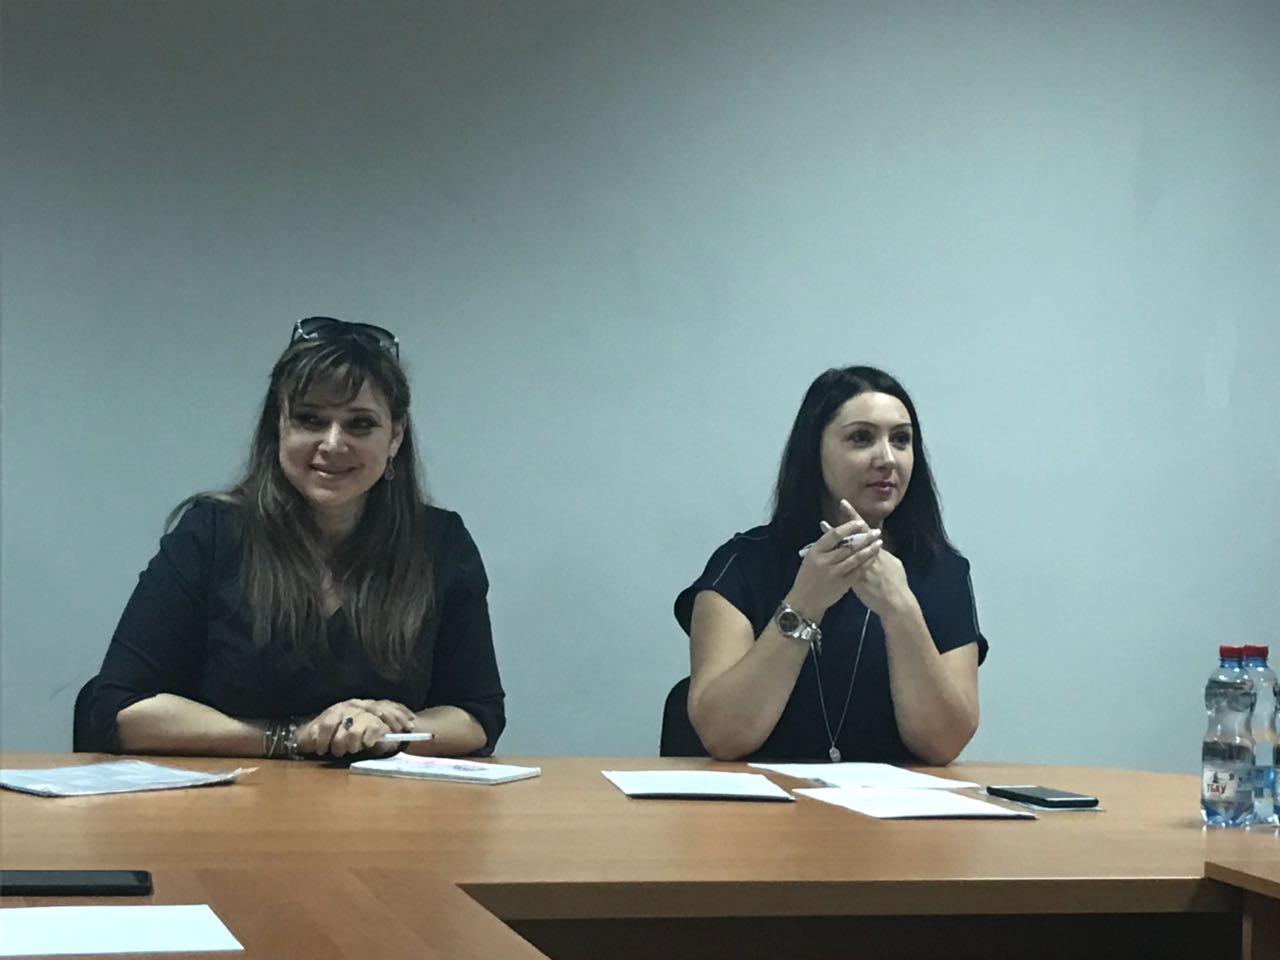 20 марта 2018 года провели круглый стол  на тему:  «Cоциальное предпринимательство в РСО-Алания. Проблемы и перспективы развития социального предпринимательства (сп) в РСО-Алания»